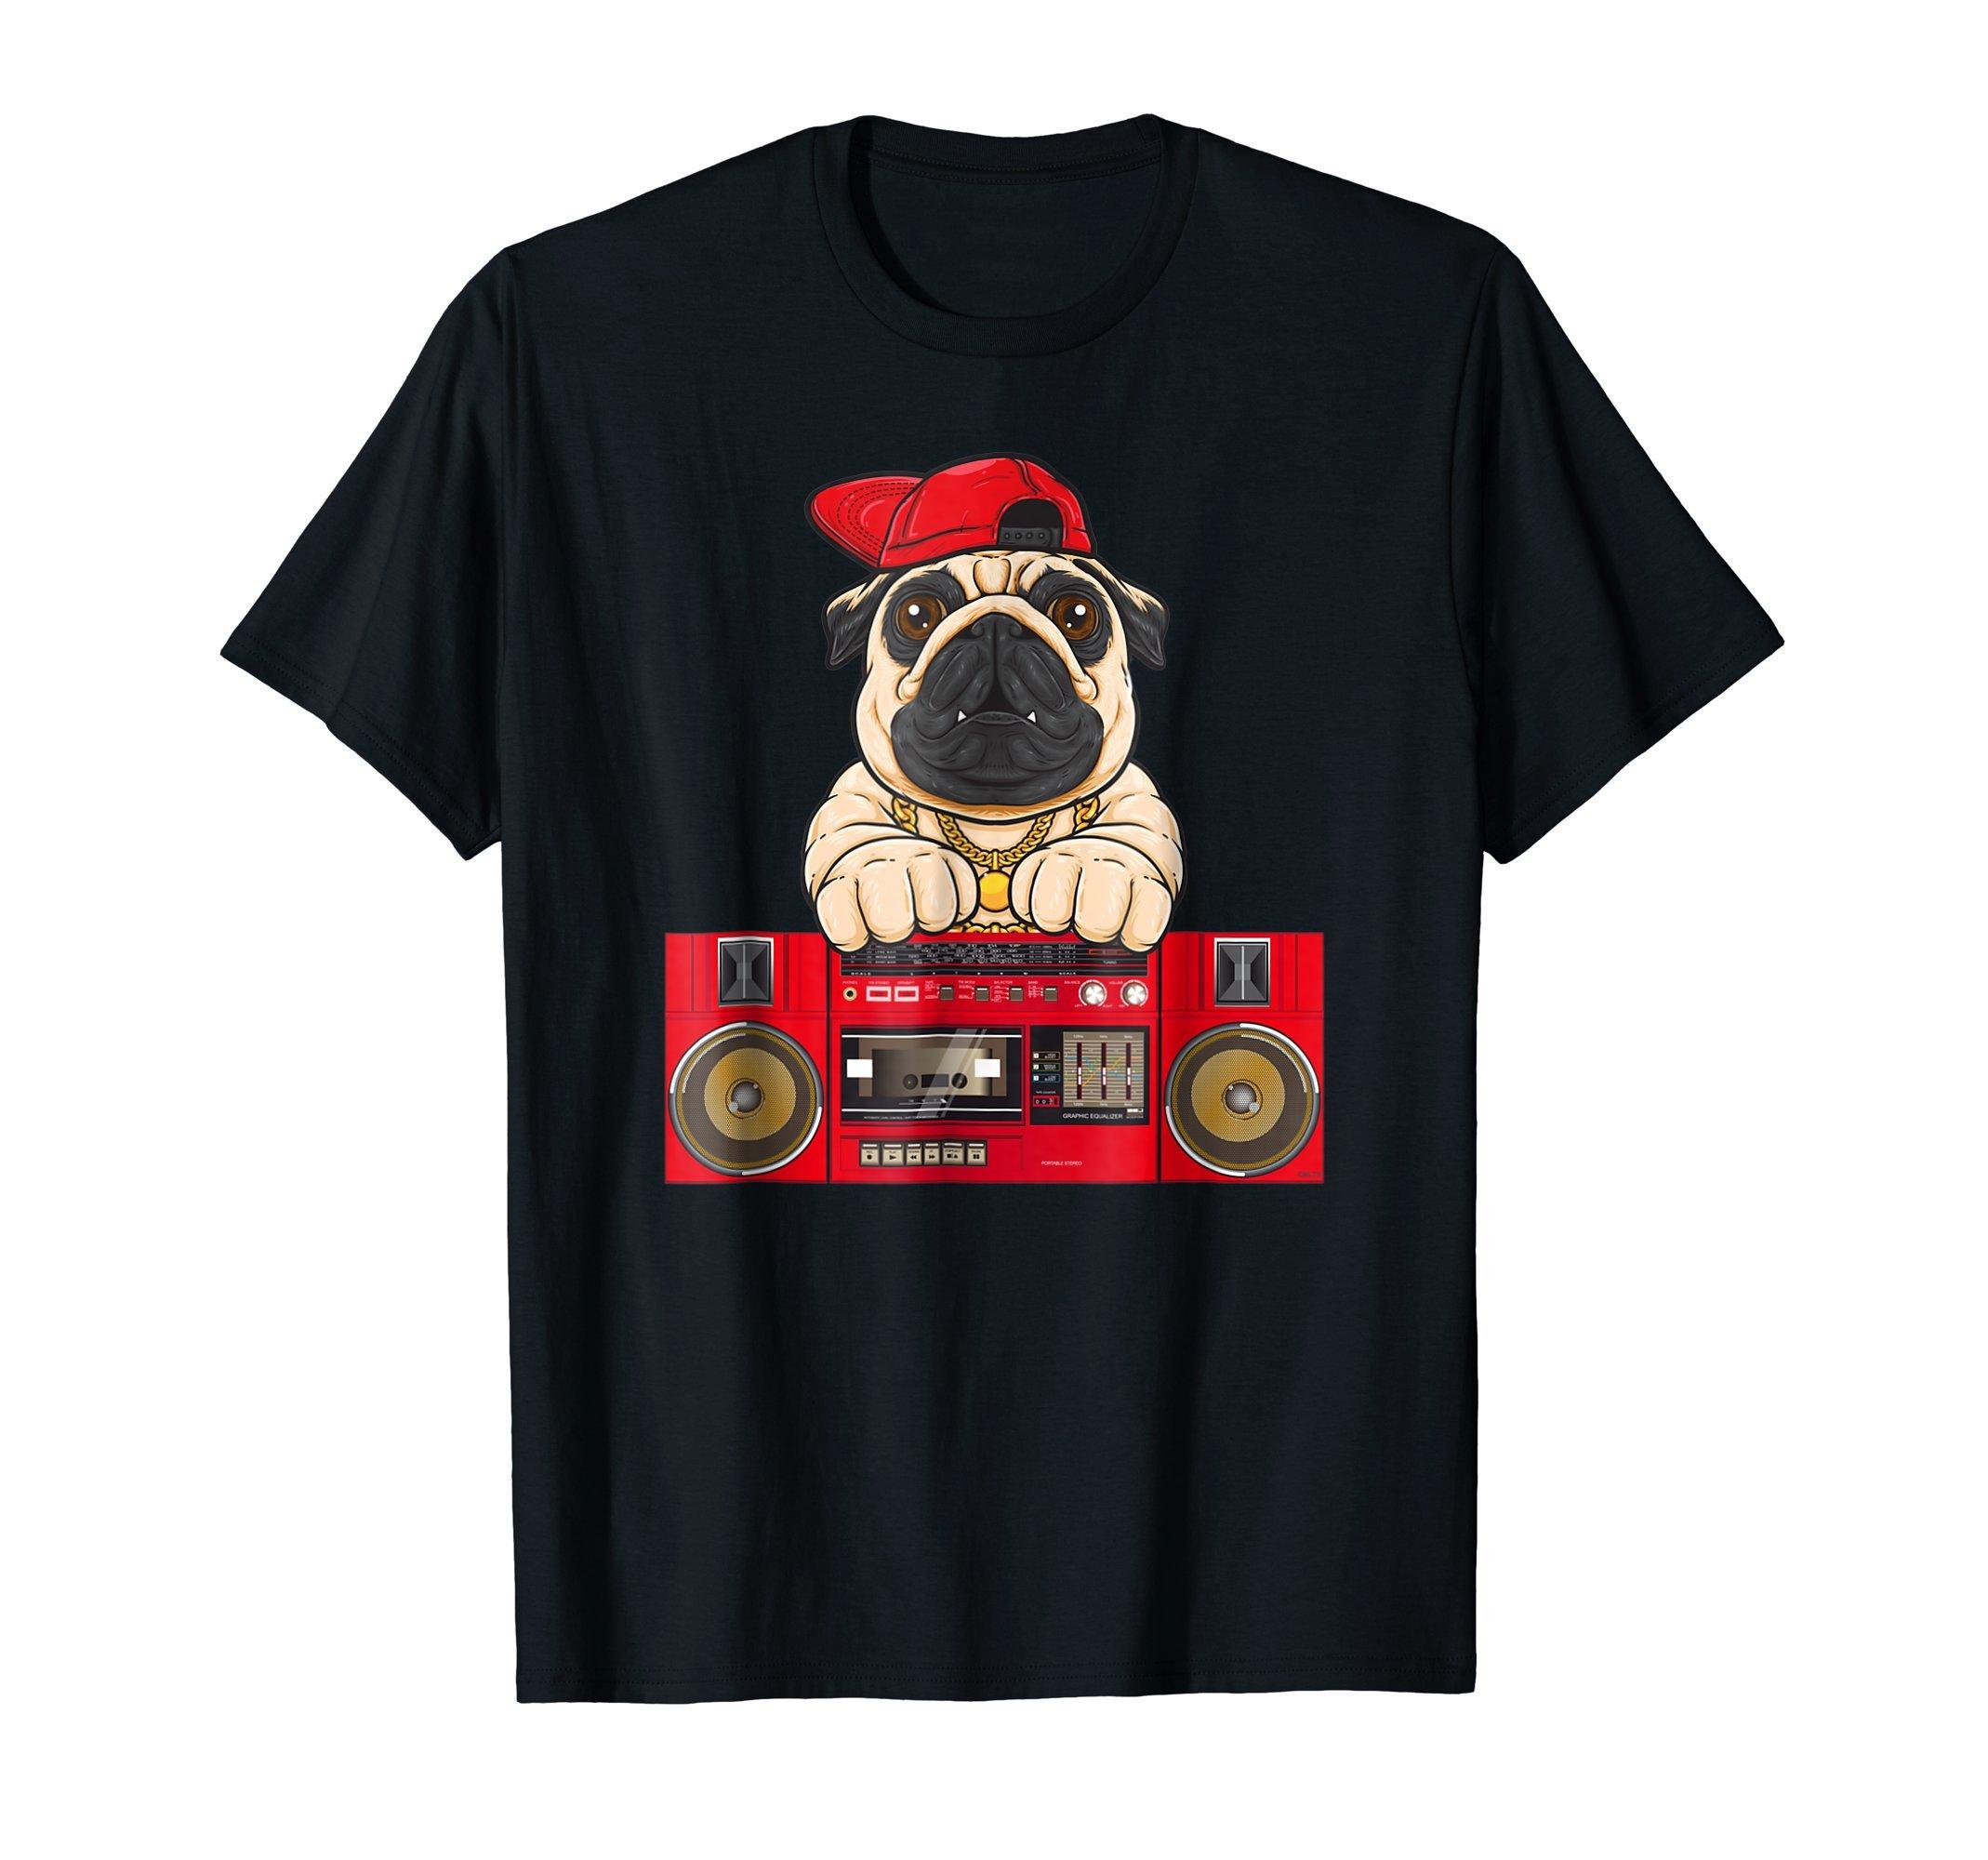 Pug-Hip-Hop-Funny-Humor-T-Shirt-Shirt-Tee-Gift